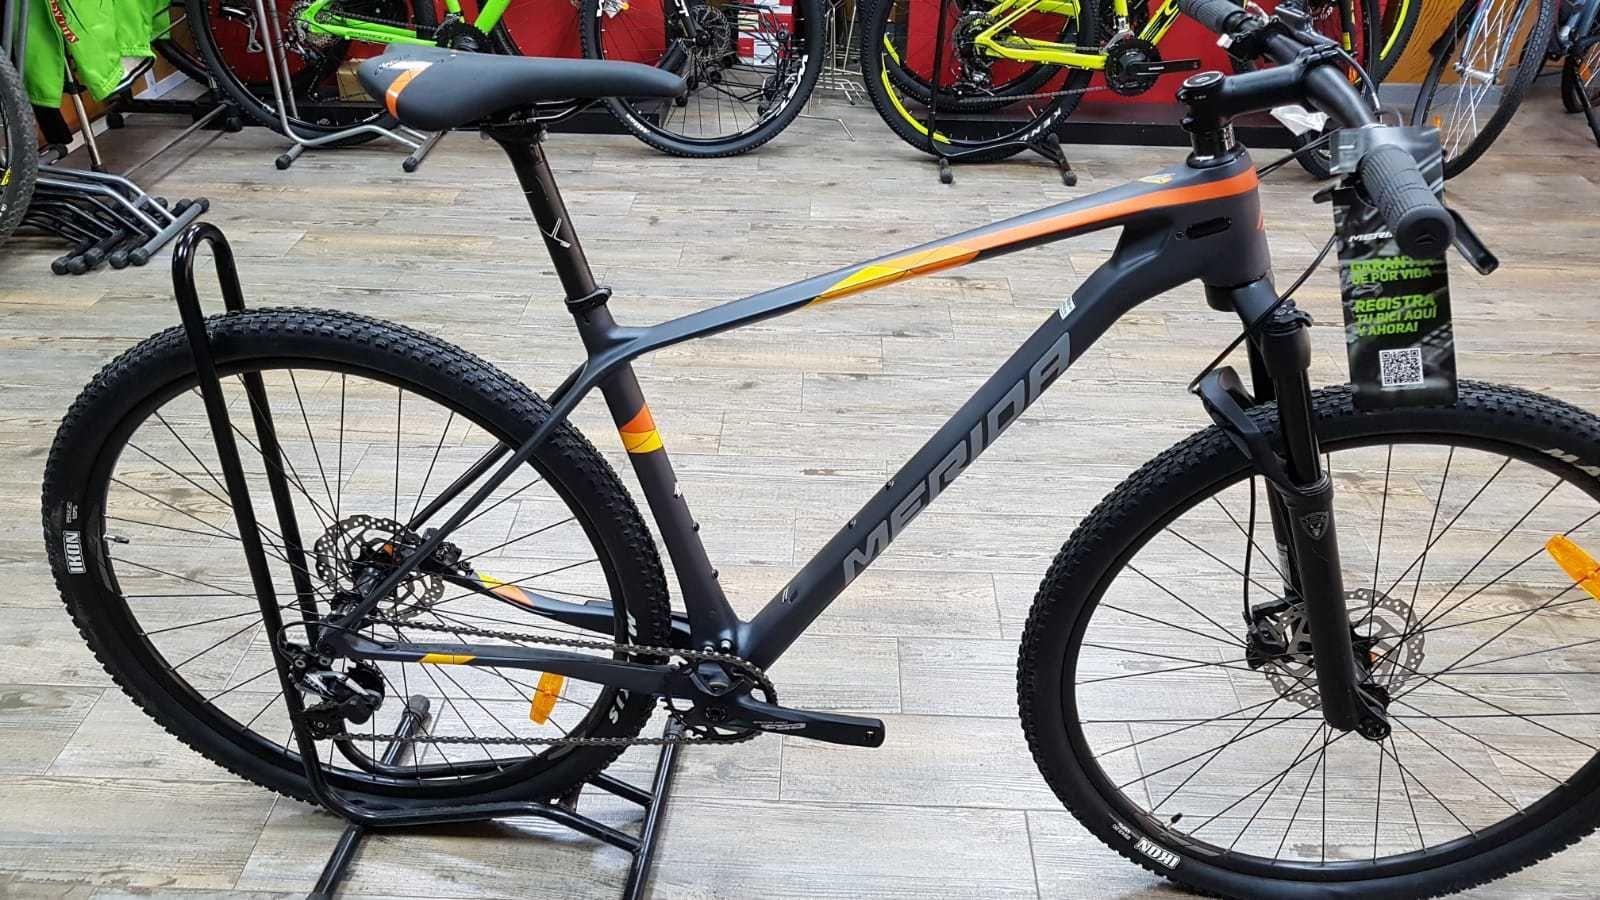 Bicicleta Merida Big Nine En Talla L 51455 Categoría Bicicletas De Montaña Año 2019 Cambio Shimano Slx Co Bicicletas Merida Bicicletas Bicicletas Mtb